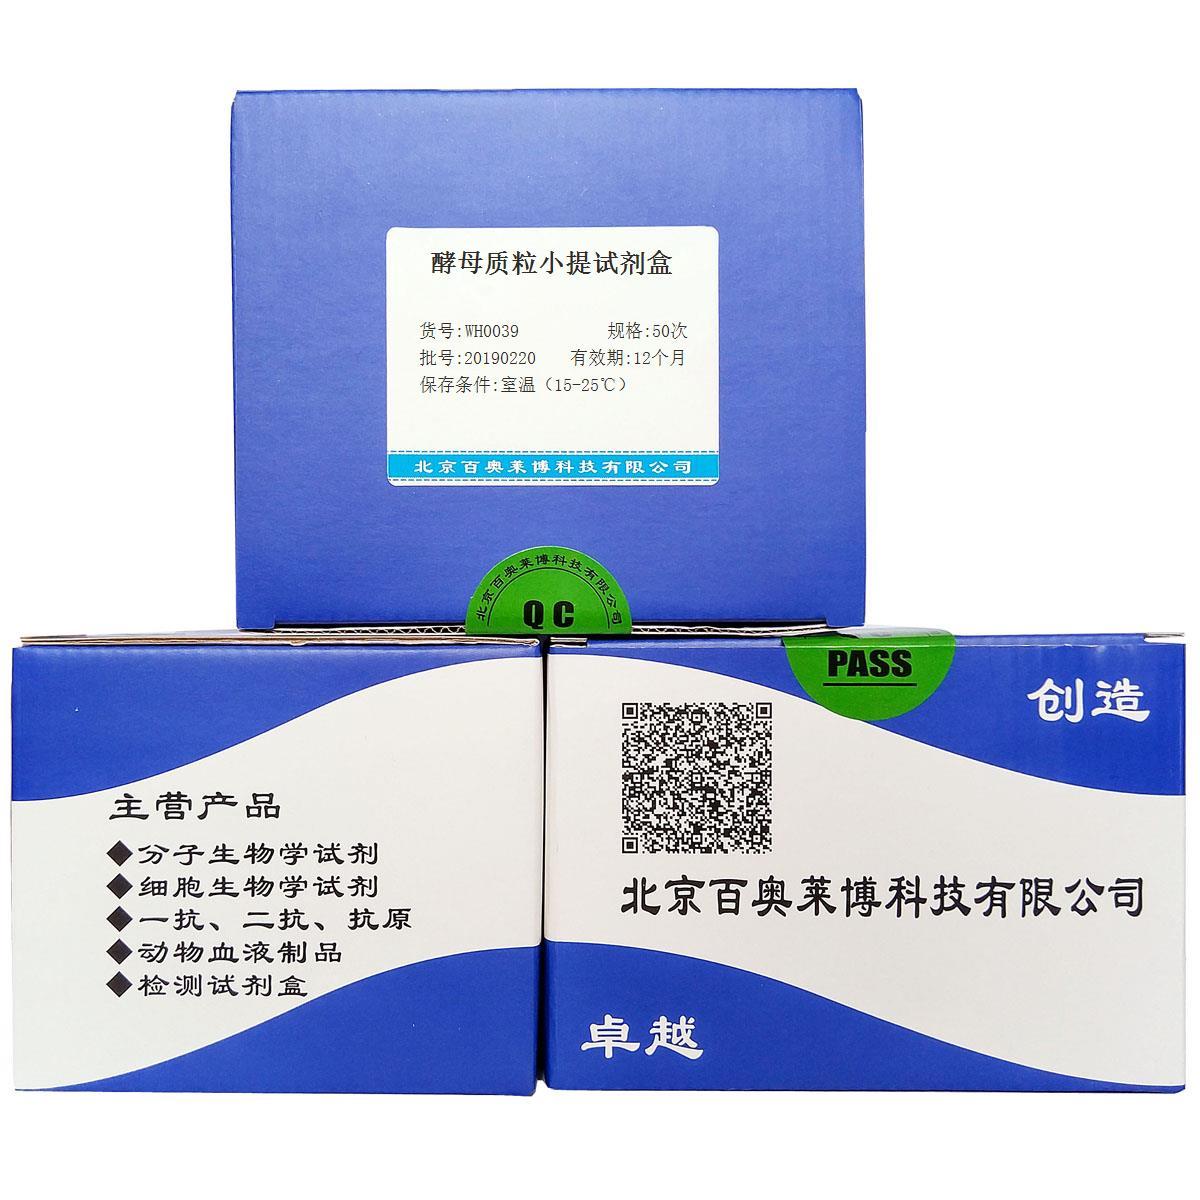 酵母质粒小提试剂盒